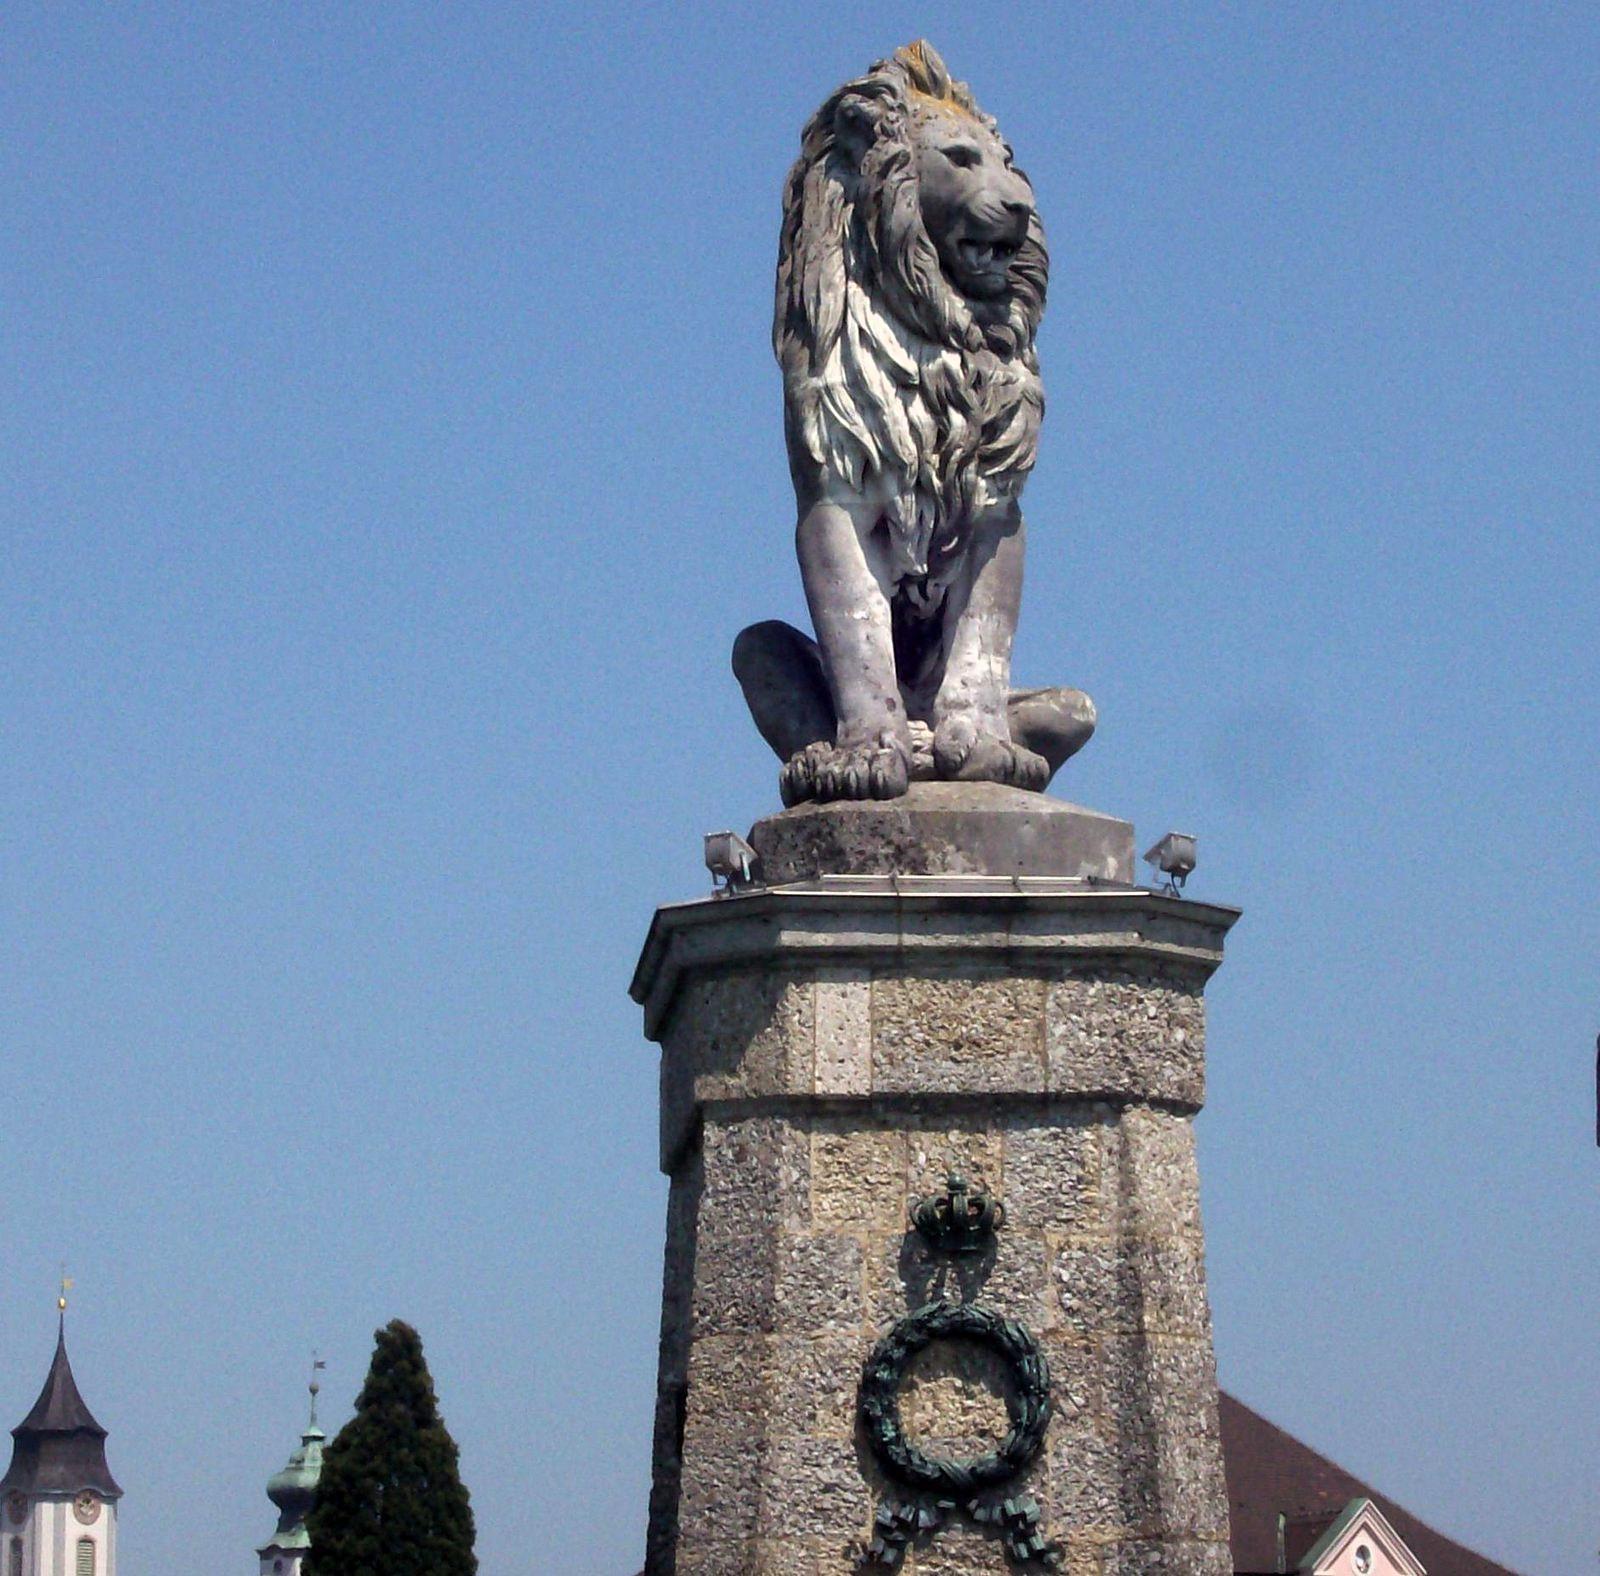 Der bayrische Löwe in Lindau am Bodensee